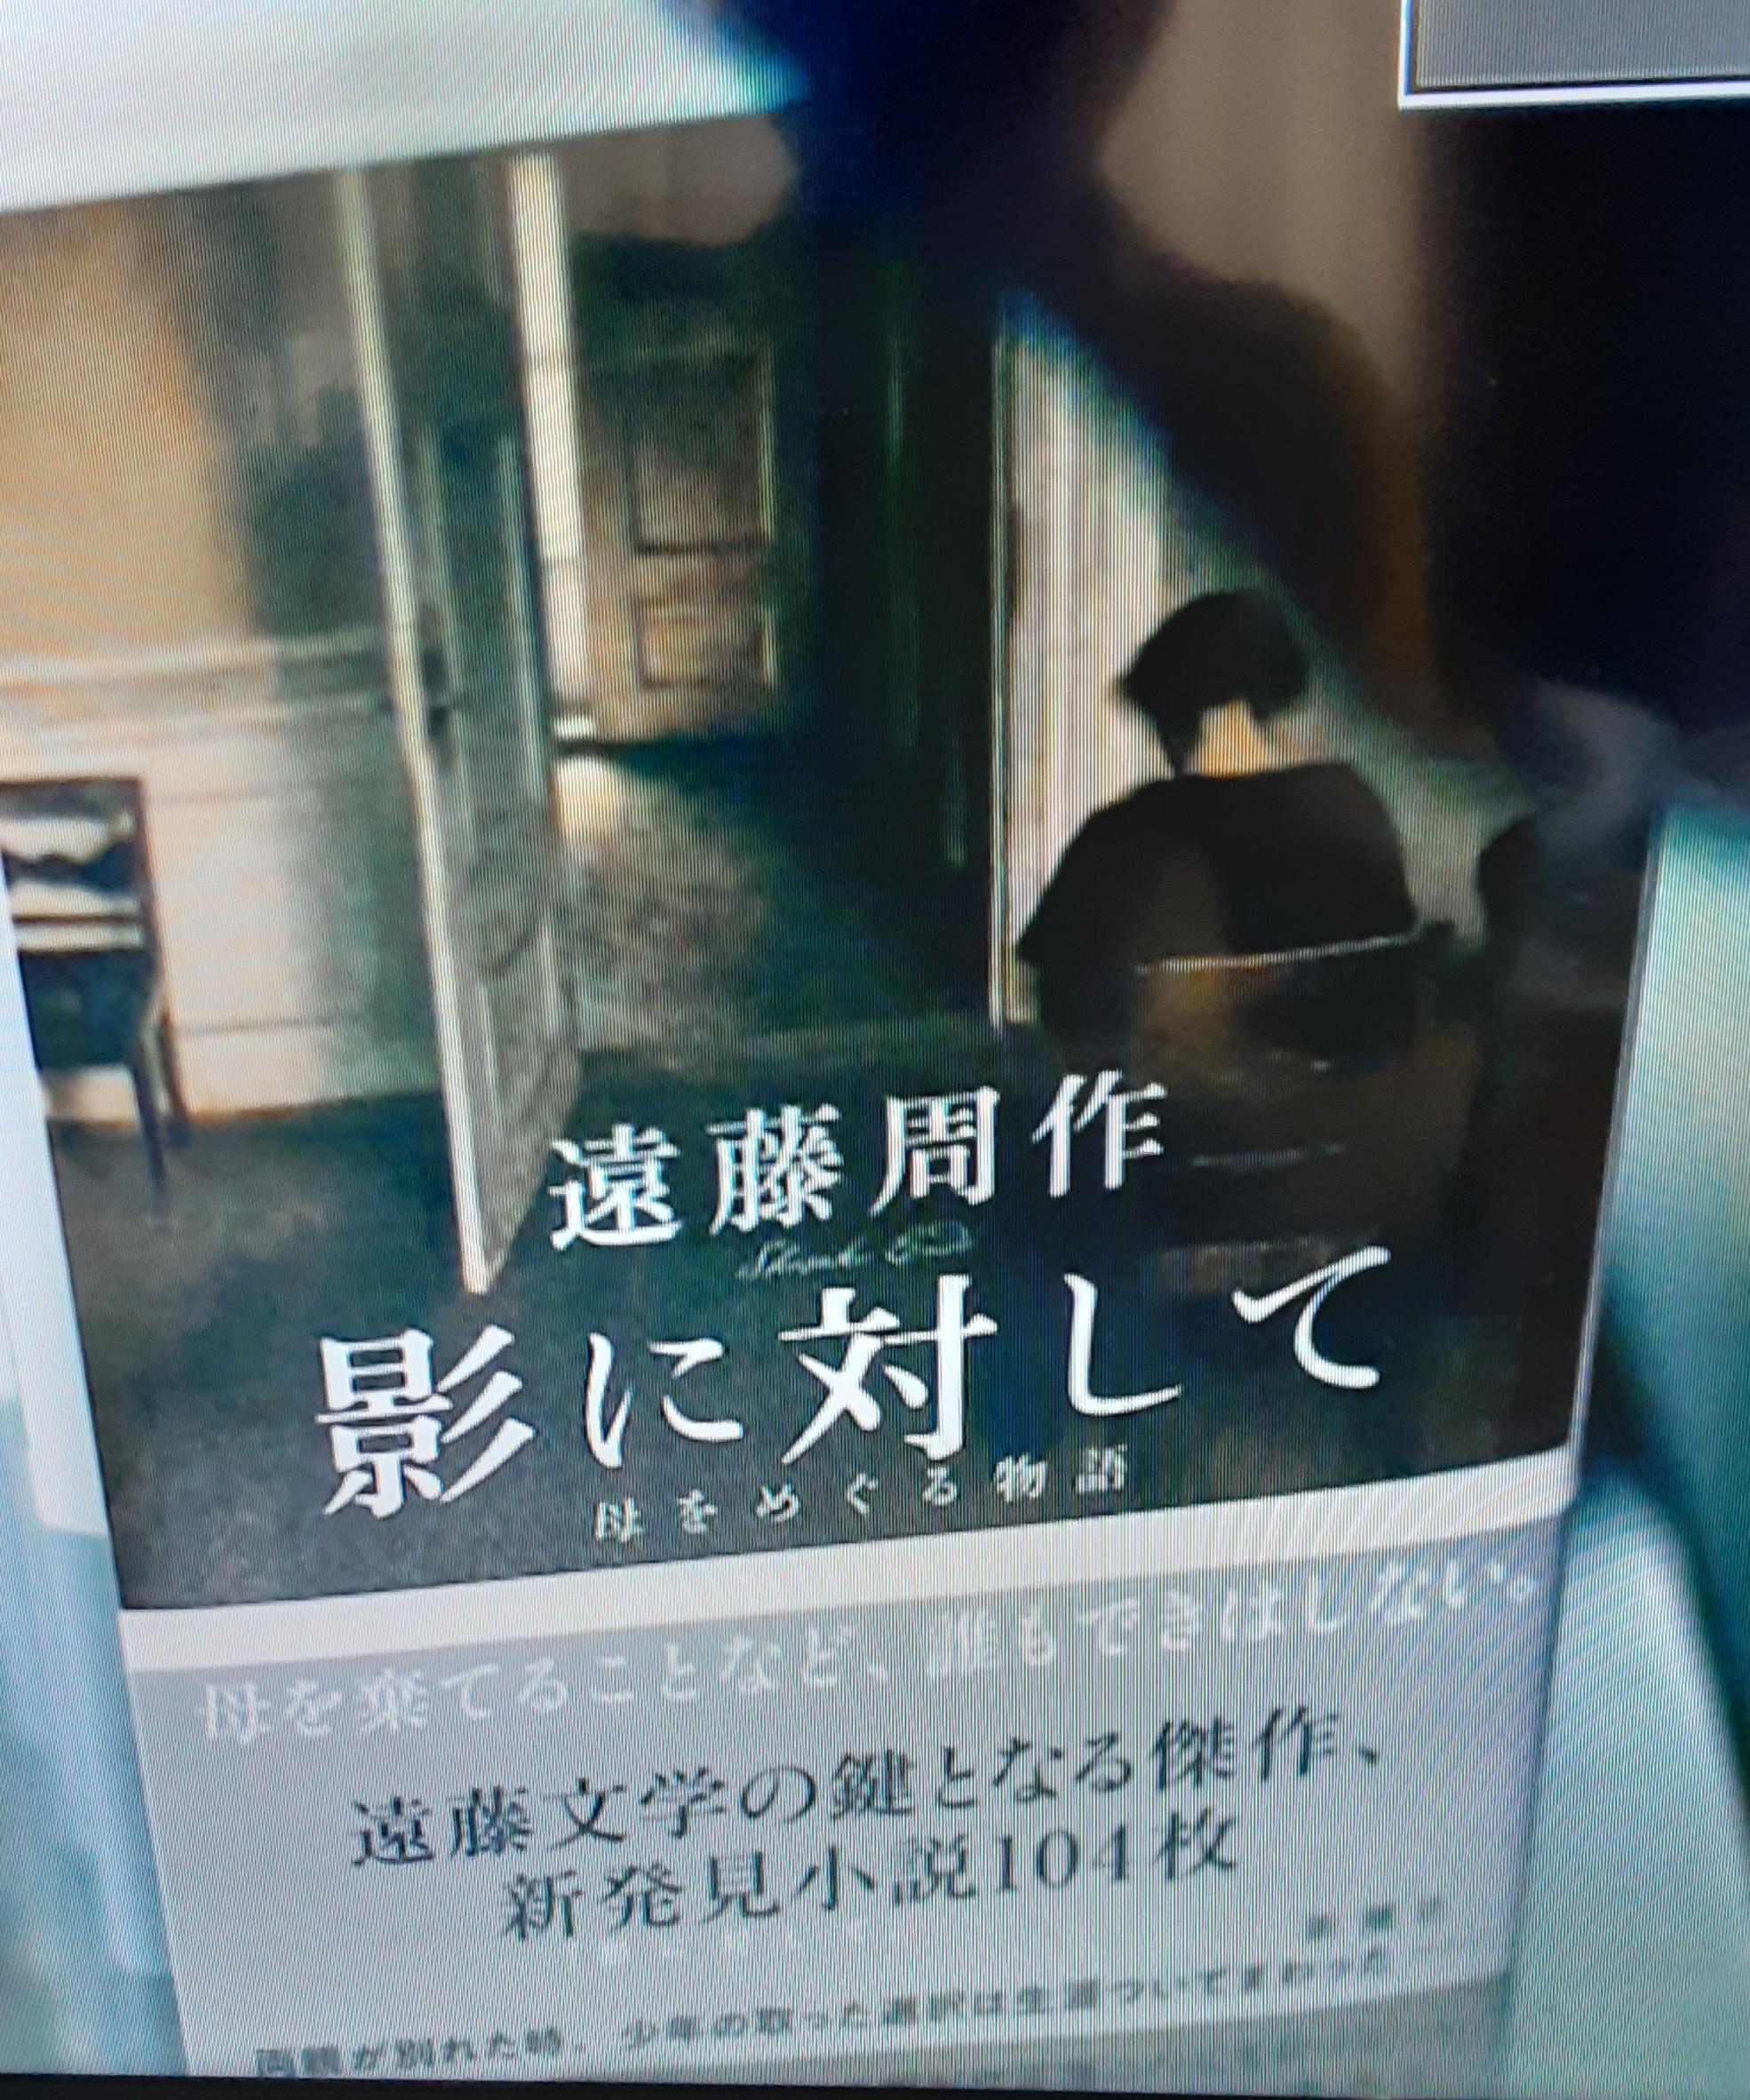 読書の秋📕📗📘です。NHKFテレで紹介された遠藤周作の未発表の本『影に対して』がおすすめです。